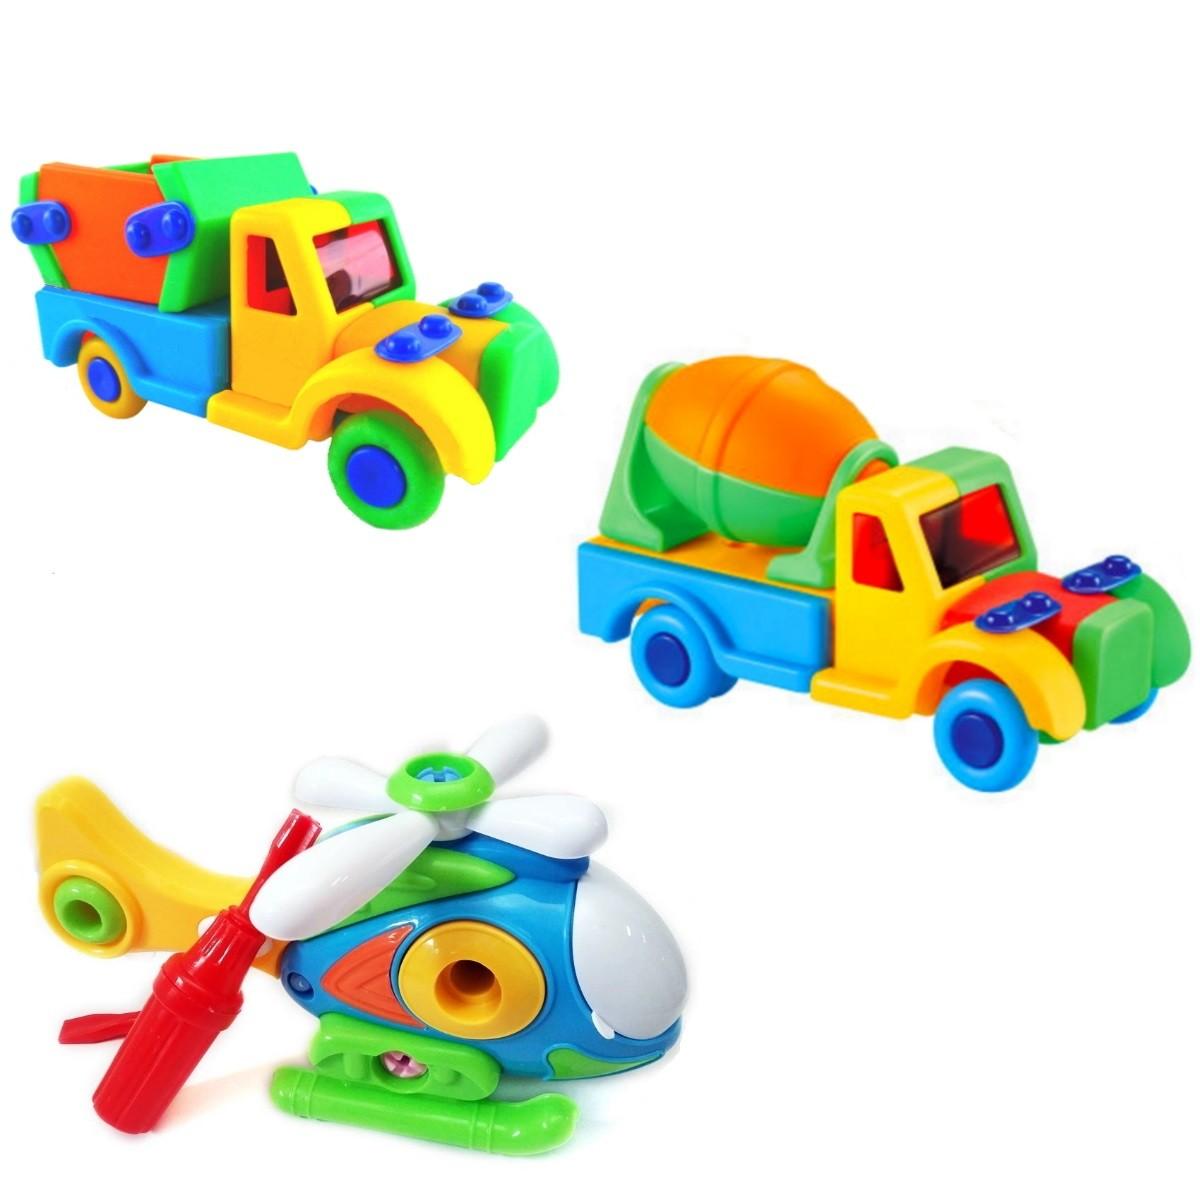 Kit com 3 Brinquedos Educativos de Montar com Helicóptero Caminhão Caçamba e Betoneira